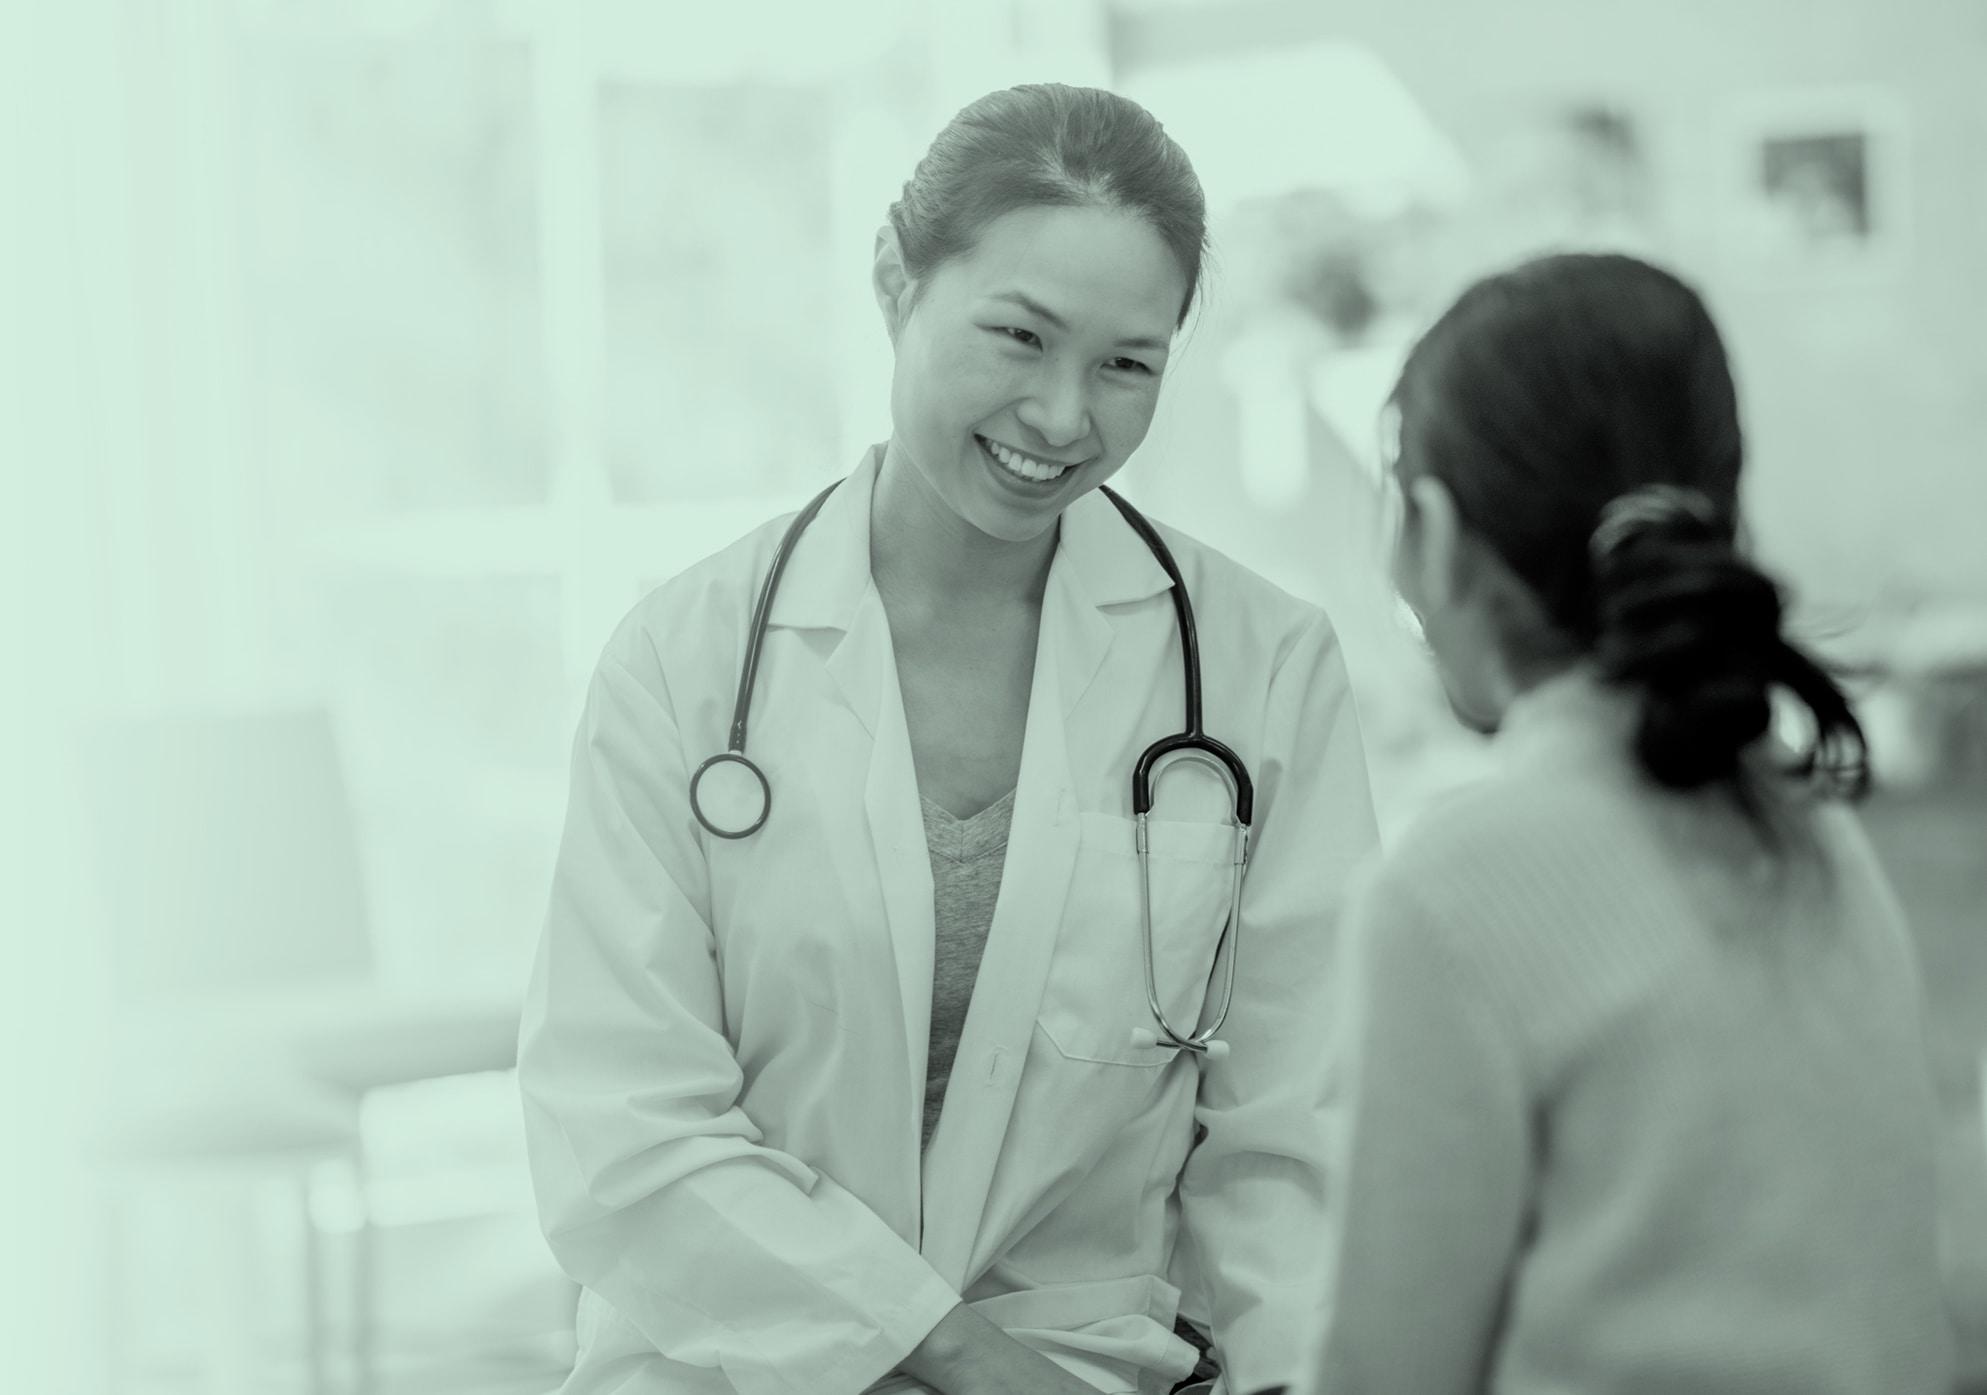 doctor-bg